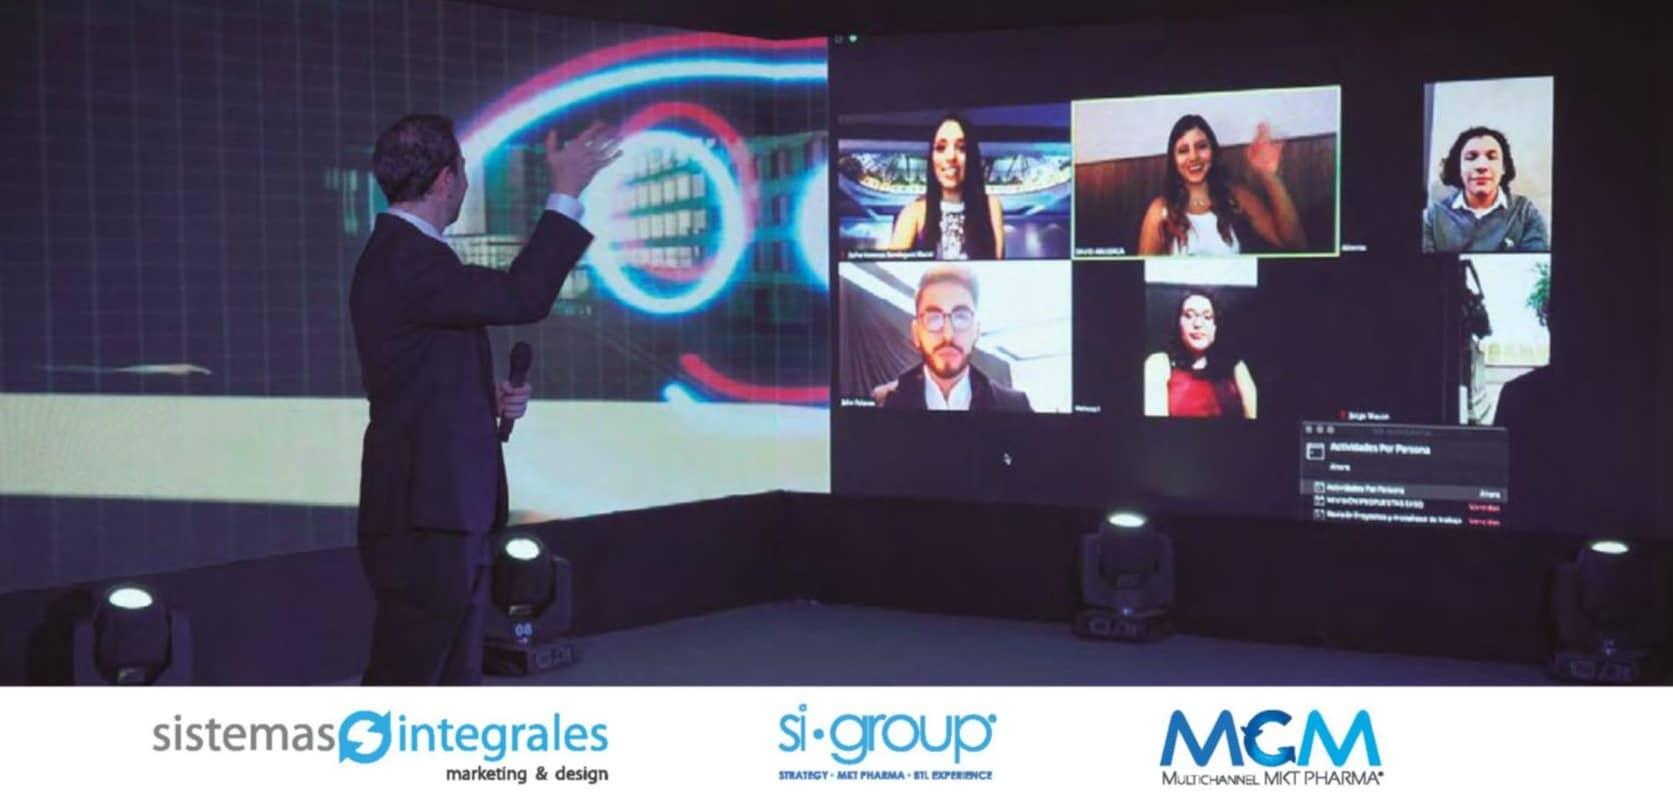 La nueva era de Event Marketing Pharma